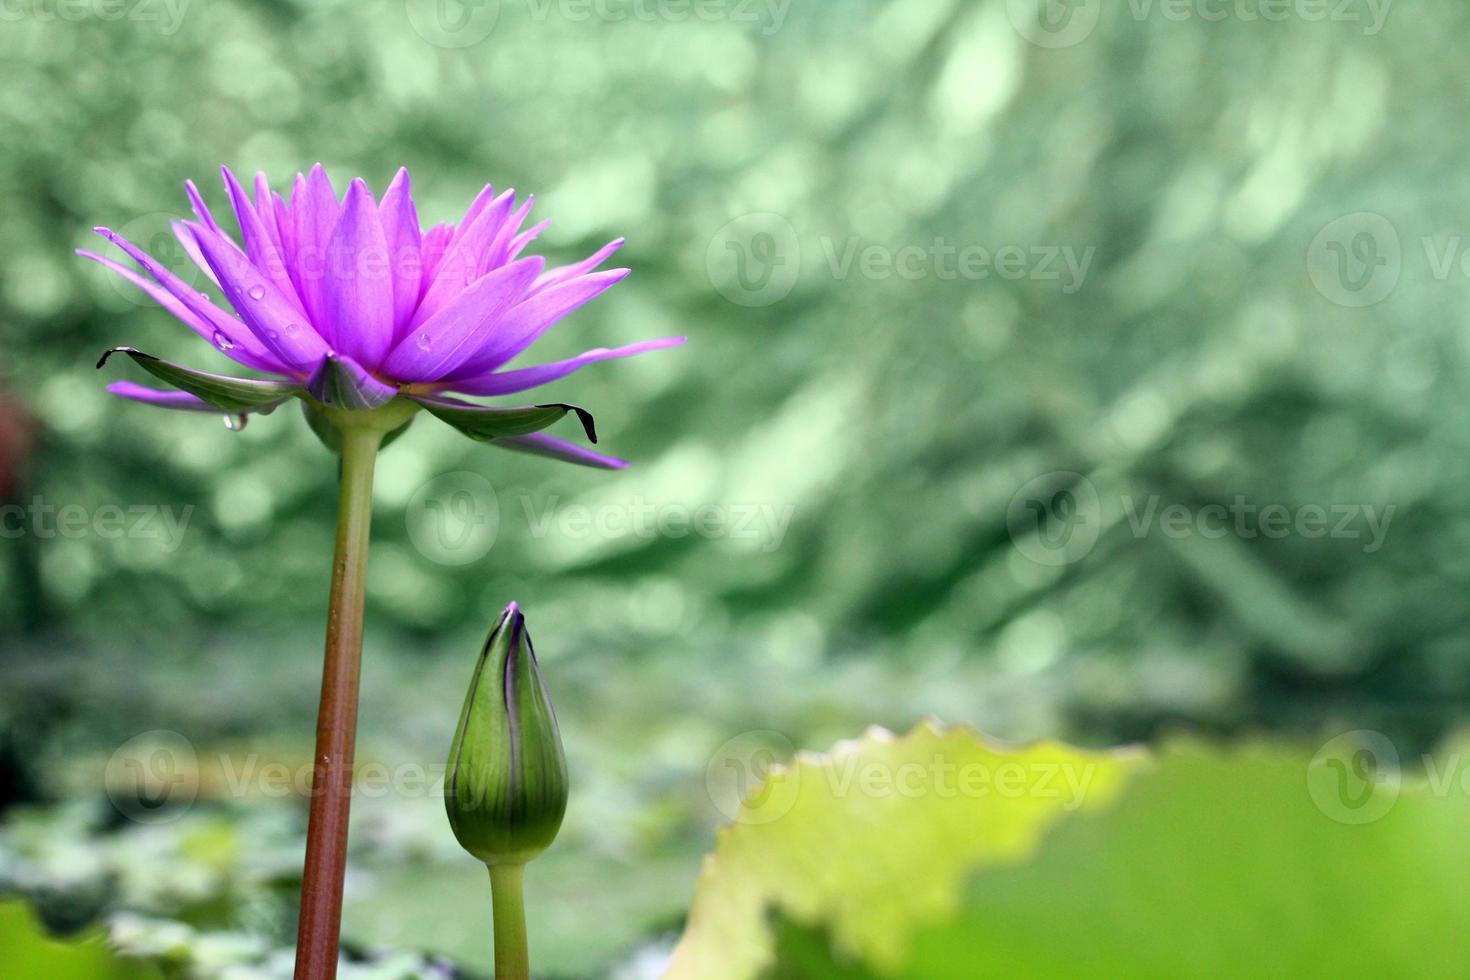 fleur de lotus avec fond vert bokeh photo